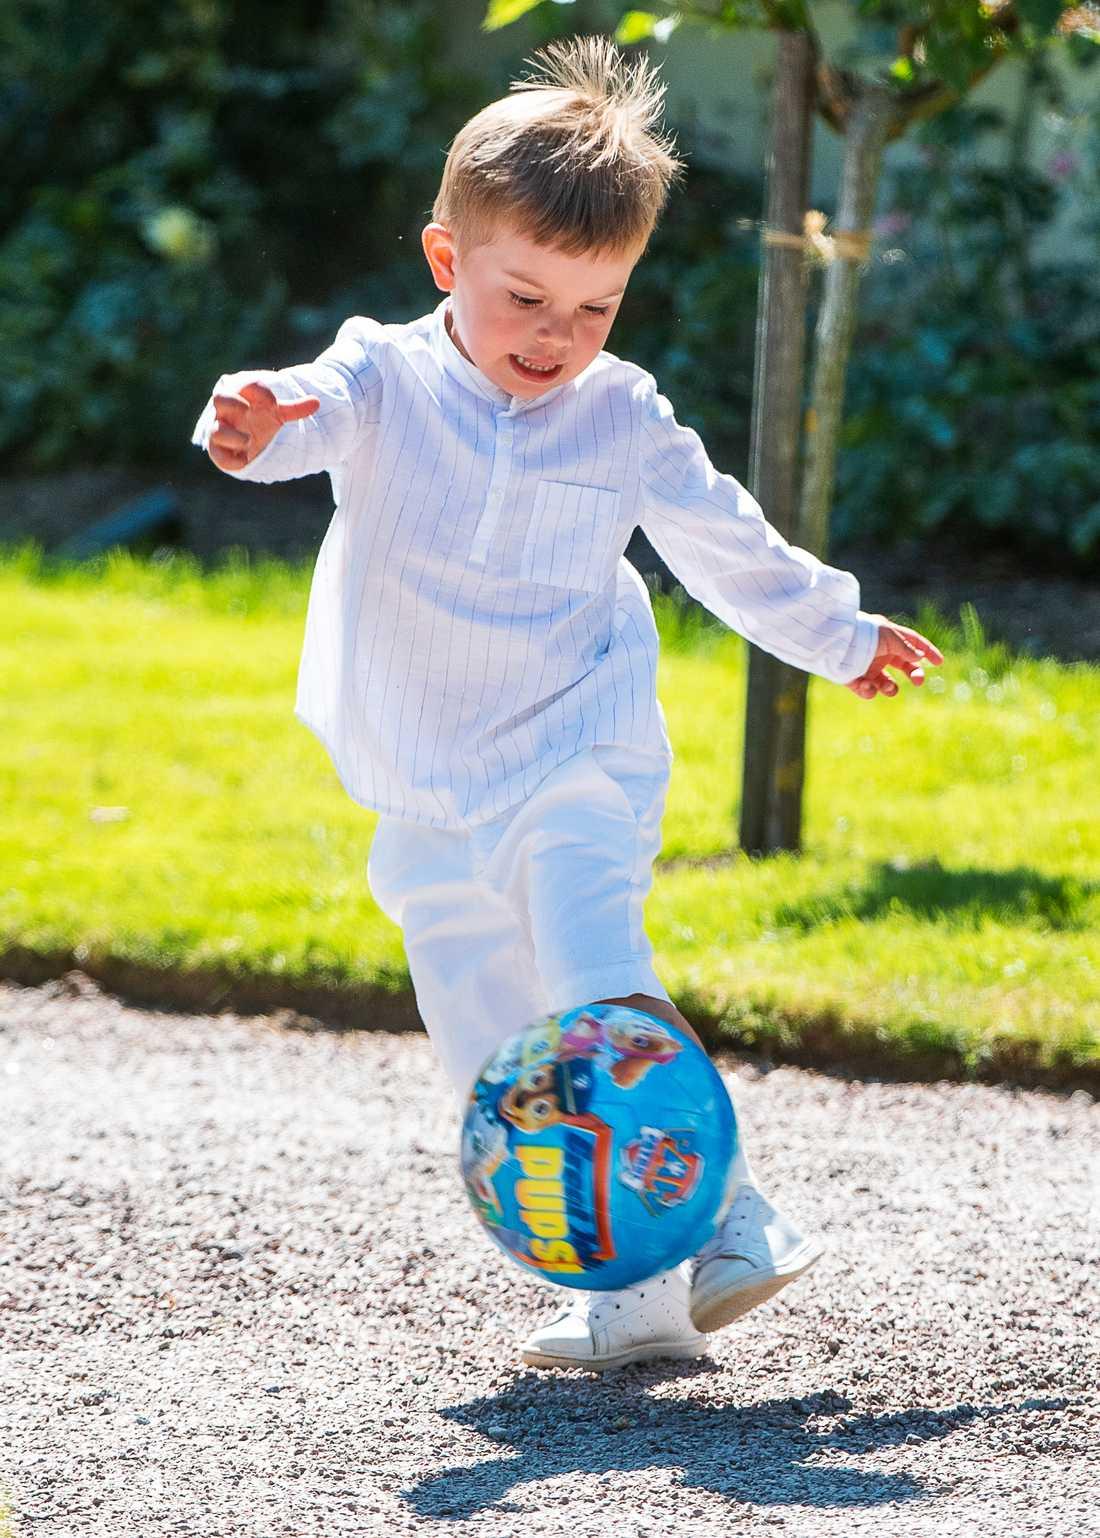 Det blev fotboll på Soliden även i år för lillprinsen.